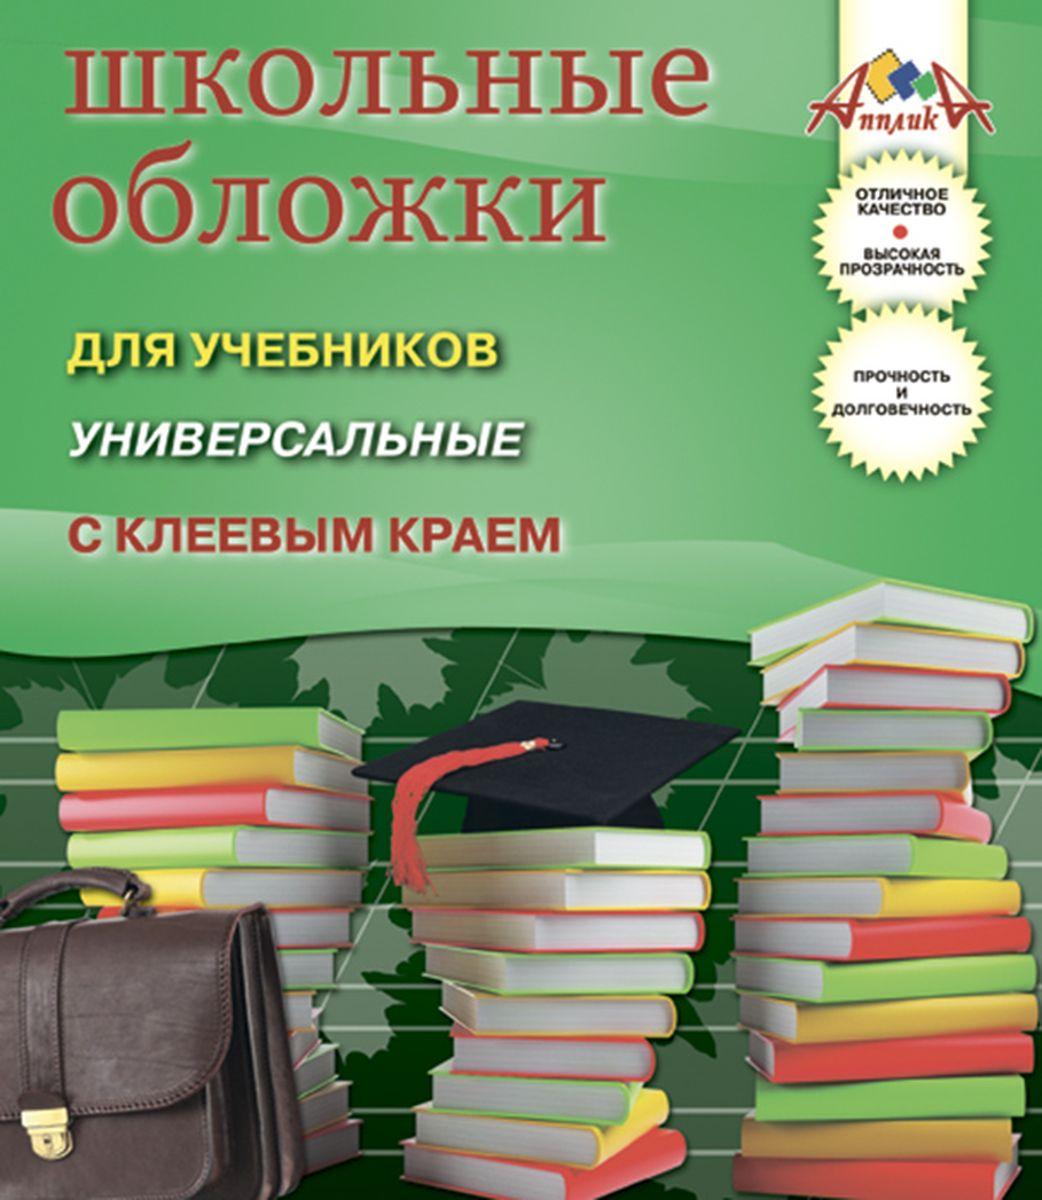 Апплика Набор обложек для учебников 5 шт С2253-01 апплика набор обложек для учебников младших классов 5 шт